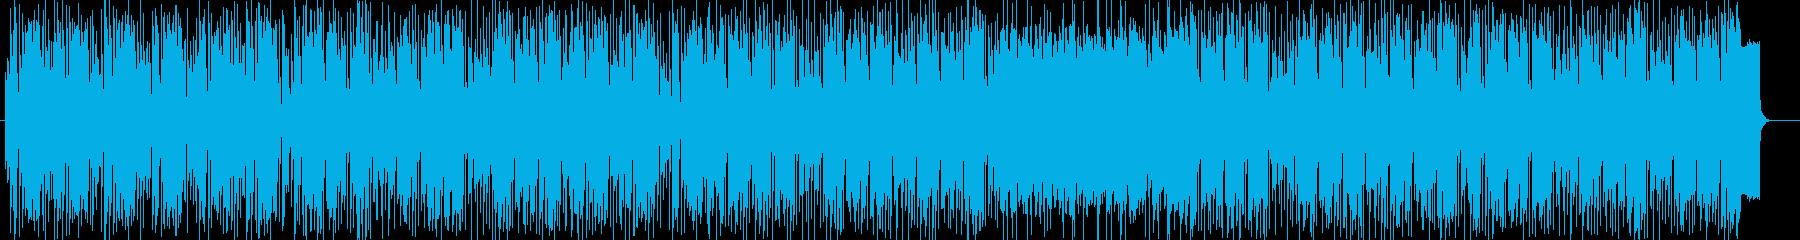 軽快で清々しいポップスの再生済みの波形